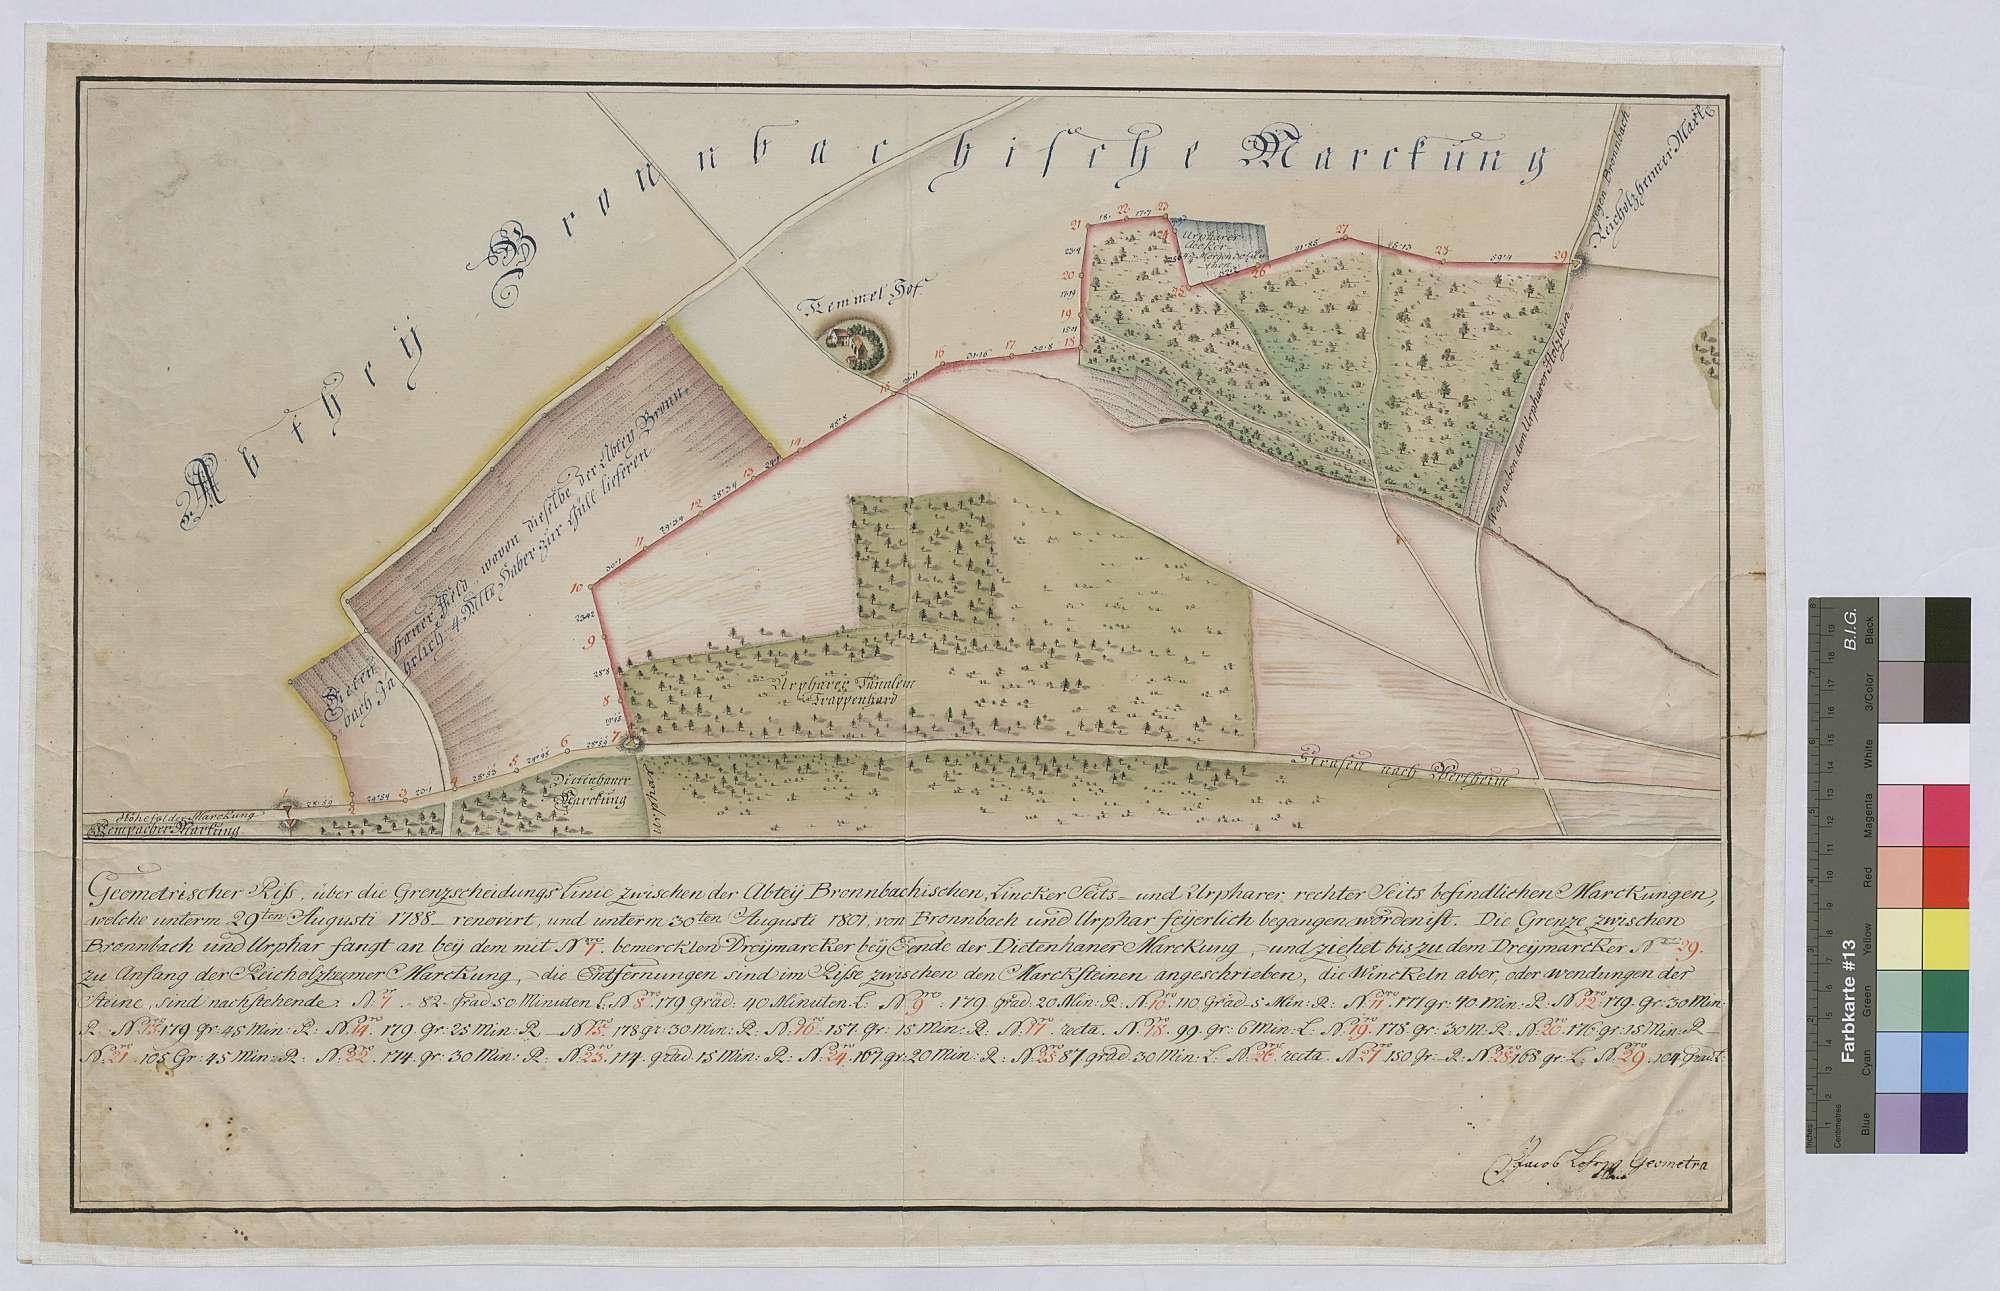 Geometrischer Riss über die Grenzscheidungslinie zwischen der Abtei Bronnbachischen linkerseits und Urpharer rechterseits befindlichen Markungen (Inselkarte), Bild 1